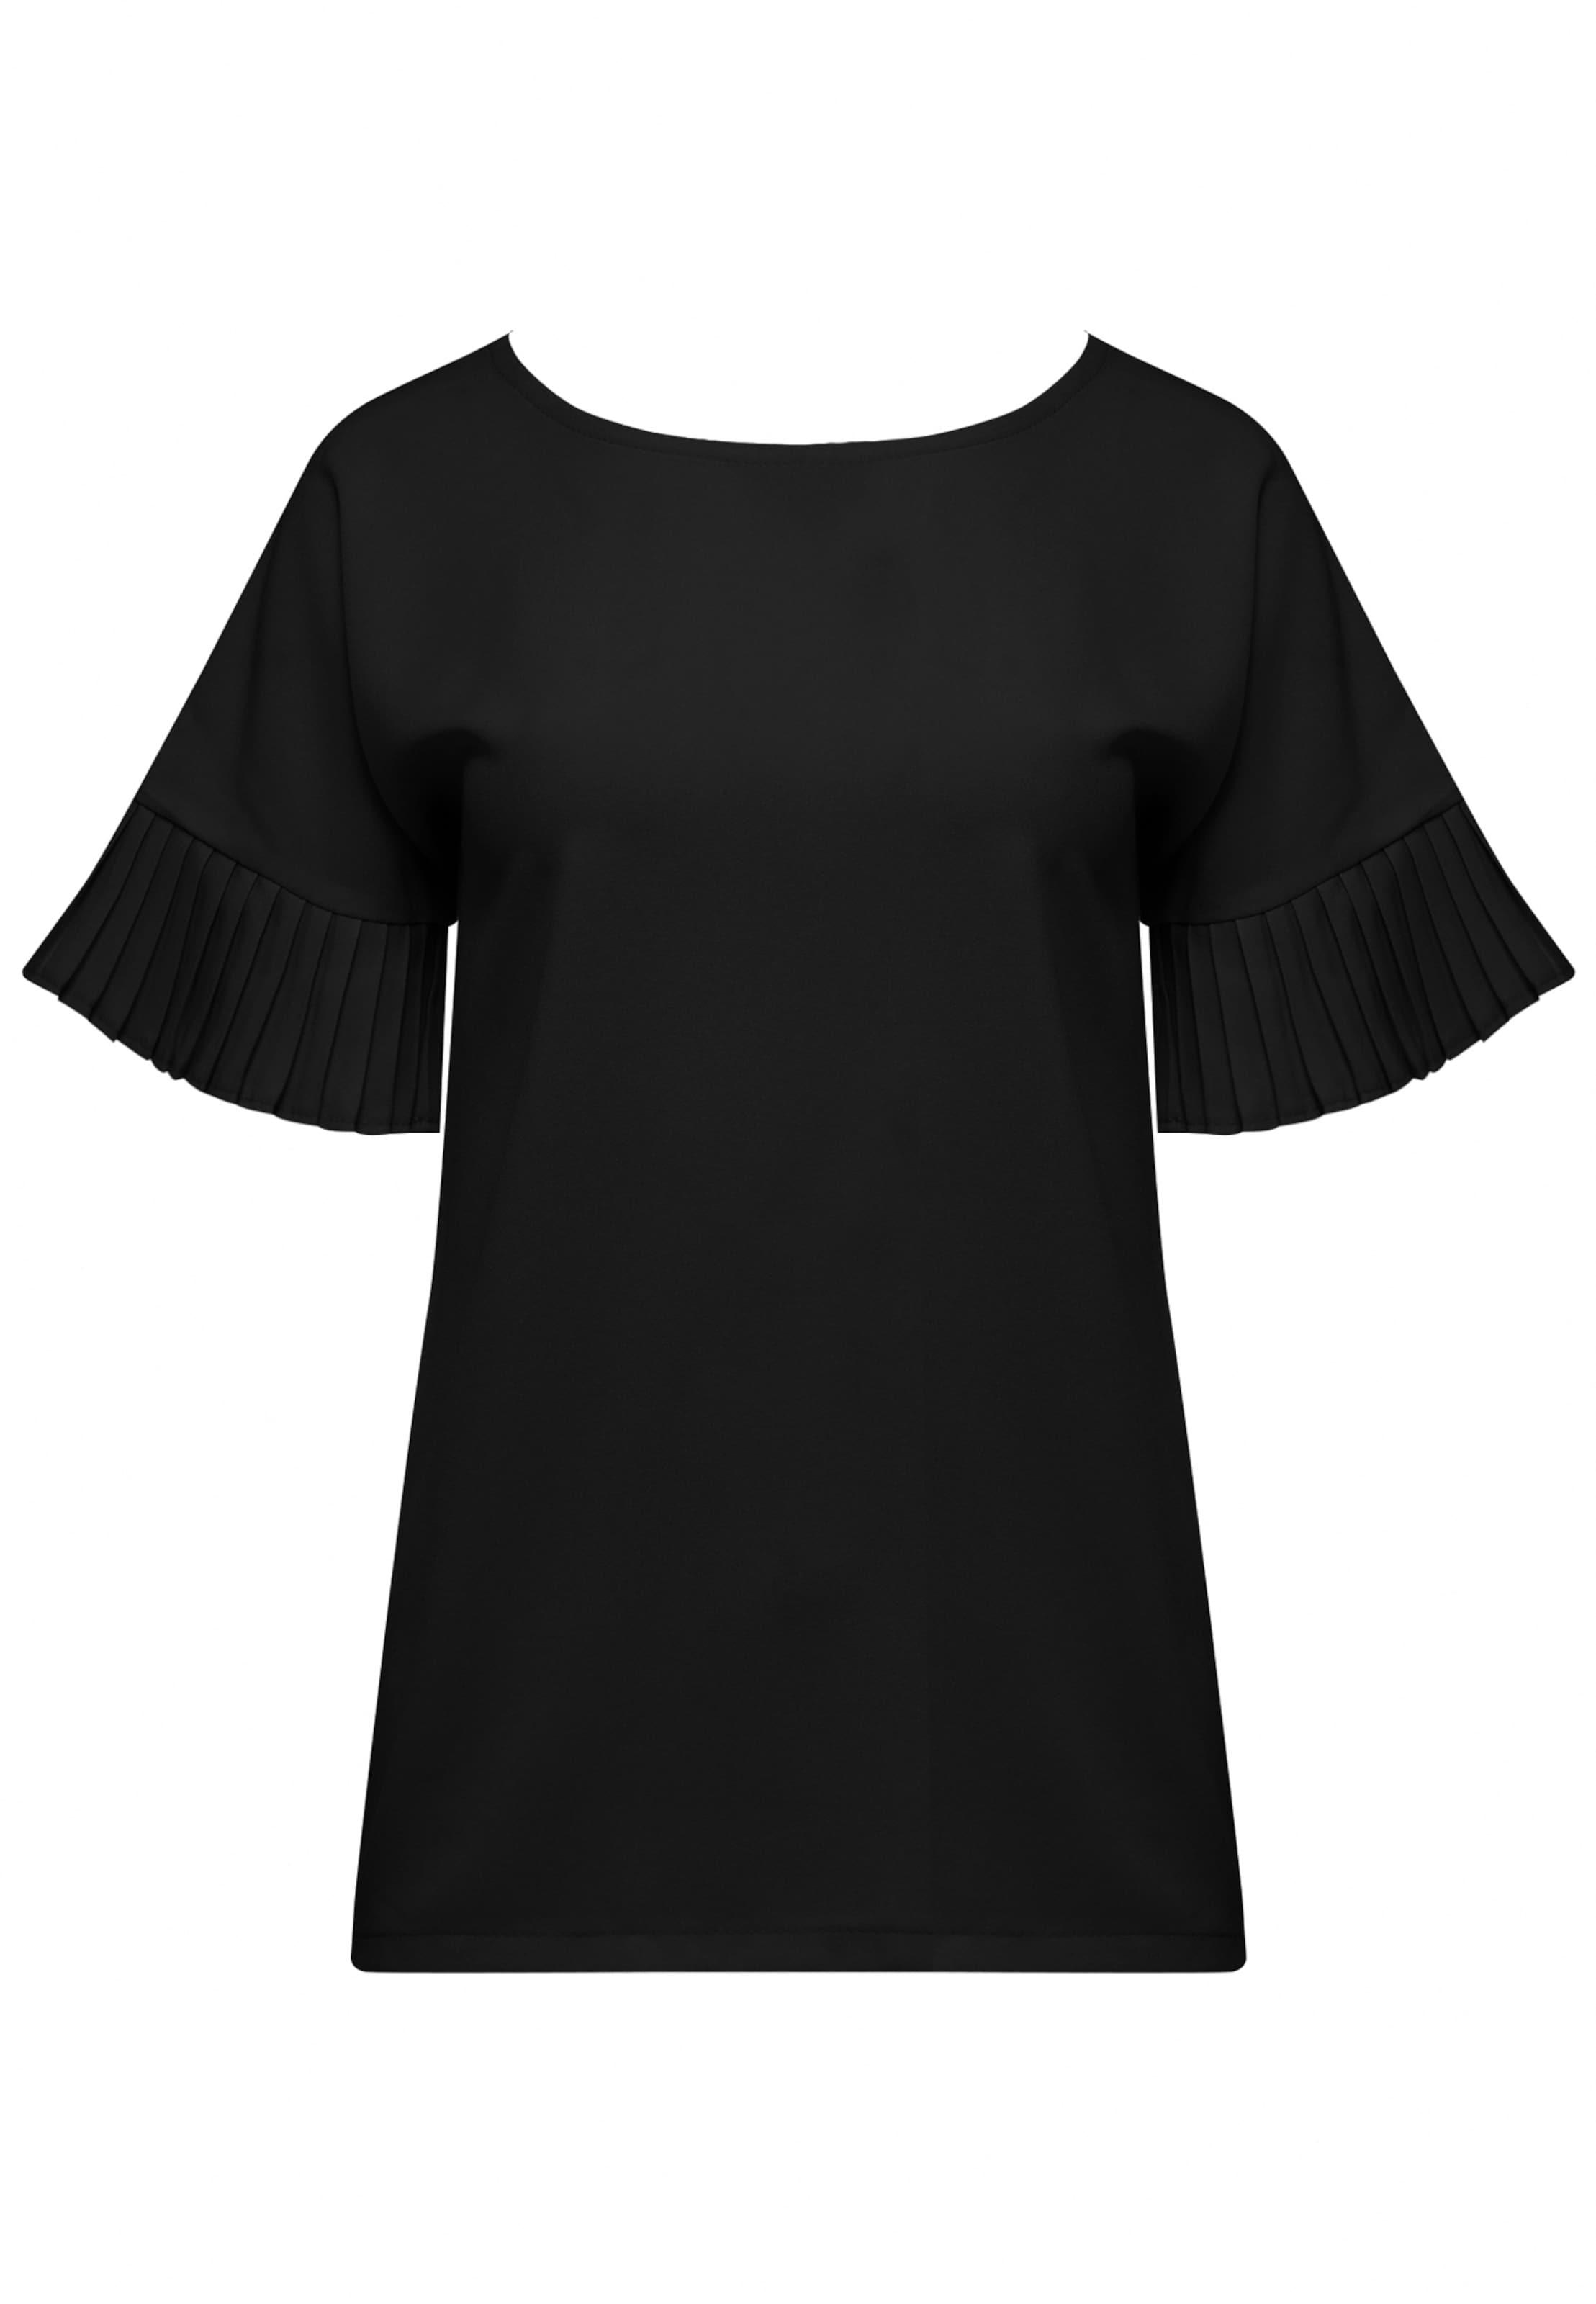 Usha Label Bluse Black In Schwarz UVqjMLSzpG